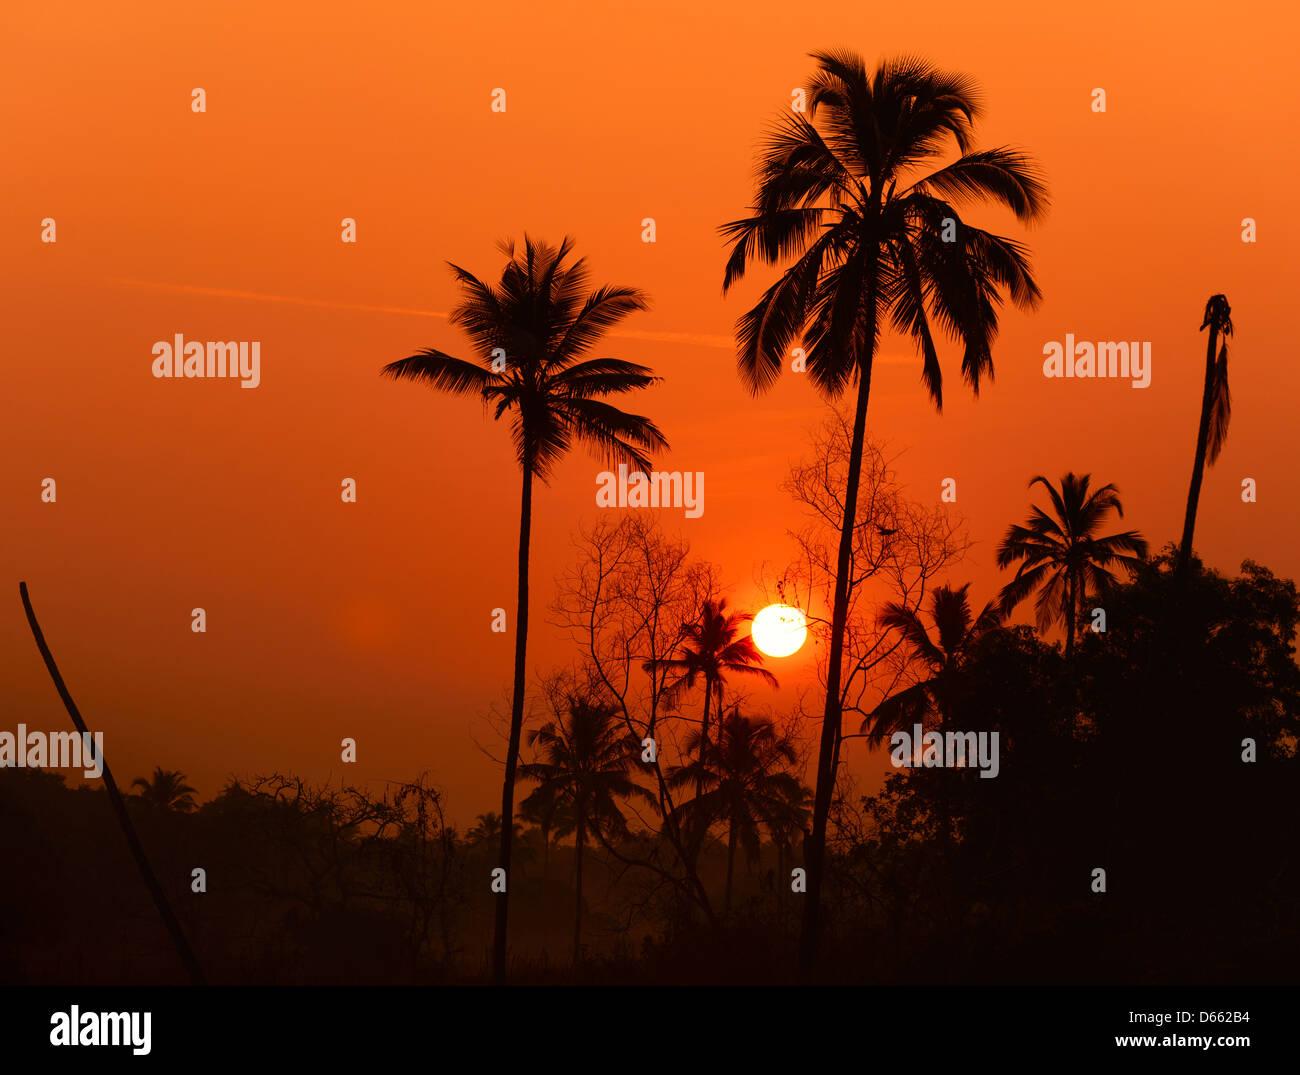 Amanecer en la aldea de Tamborim en el sur de Goa, India Imagen De Stock